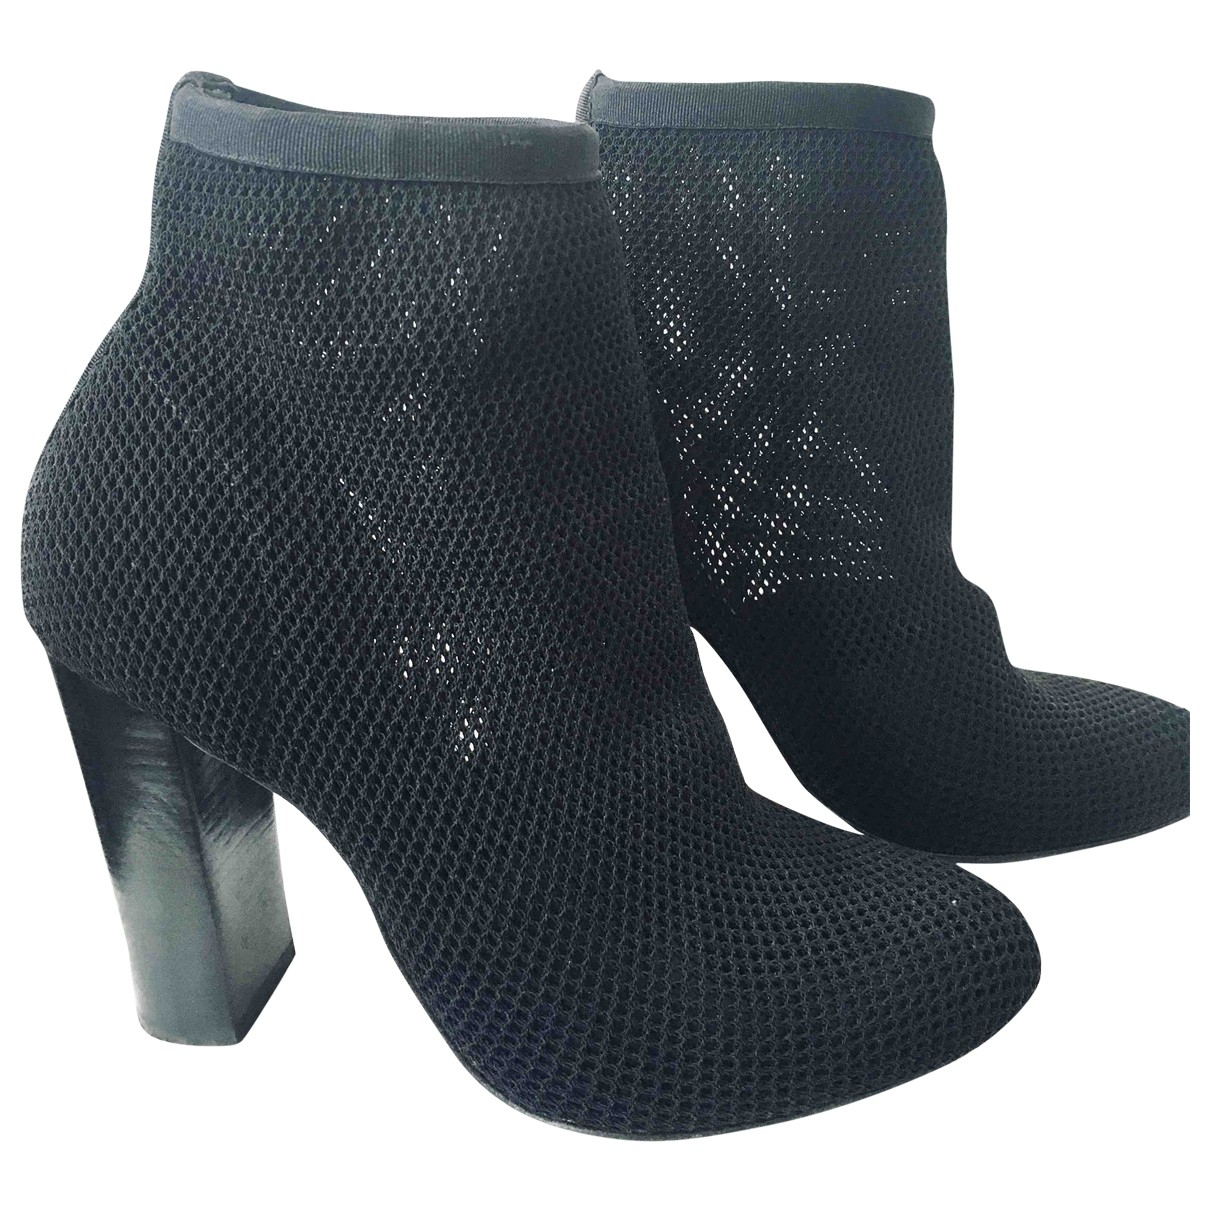 Alexander Wang - Boots   pour femme en toile - noir